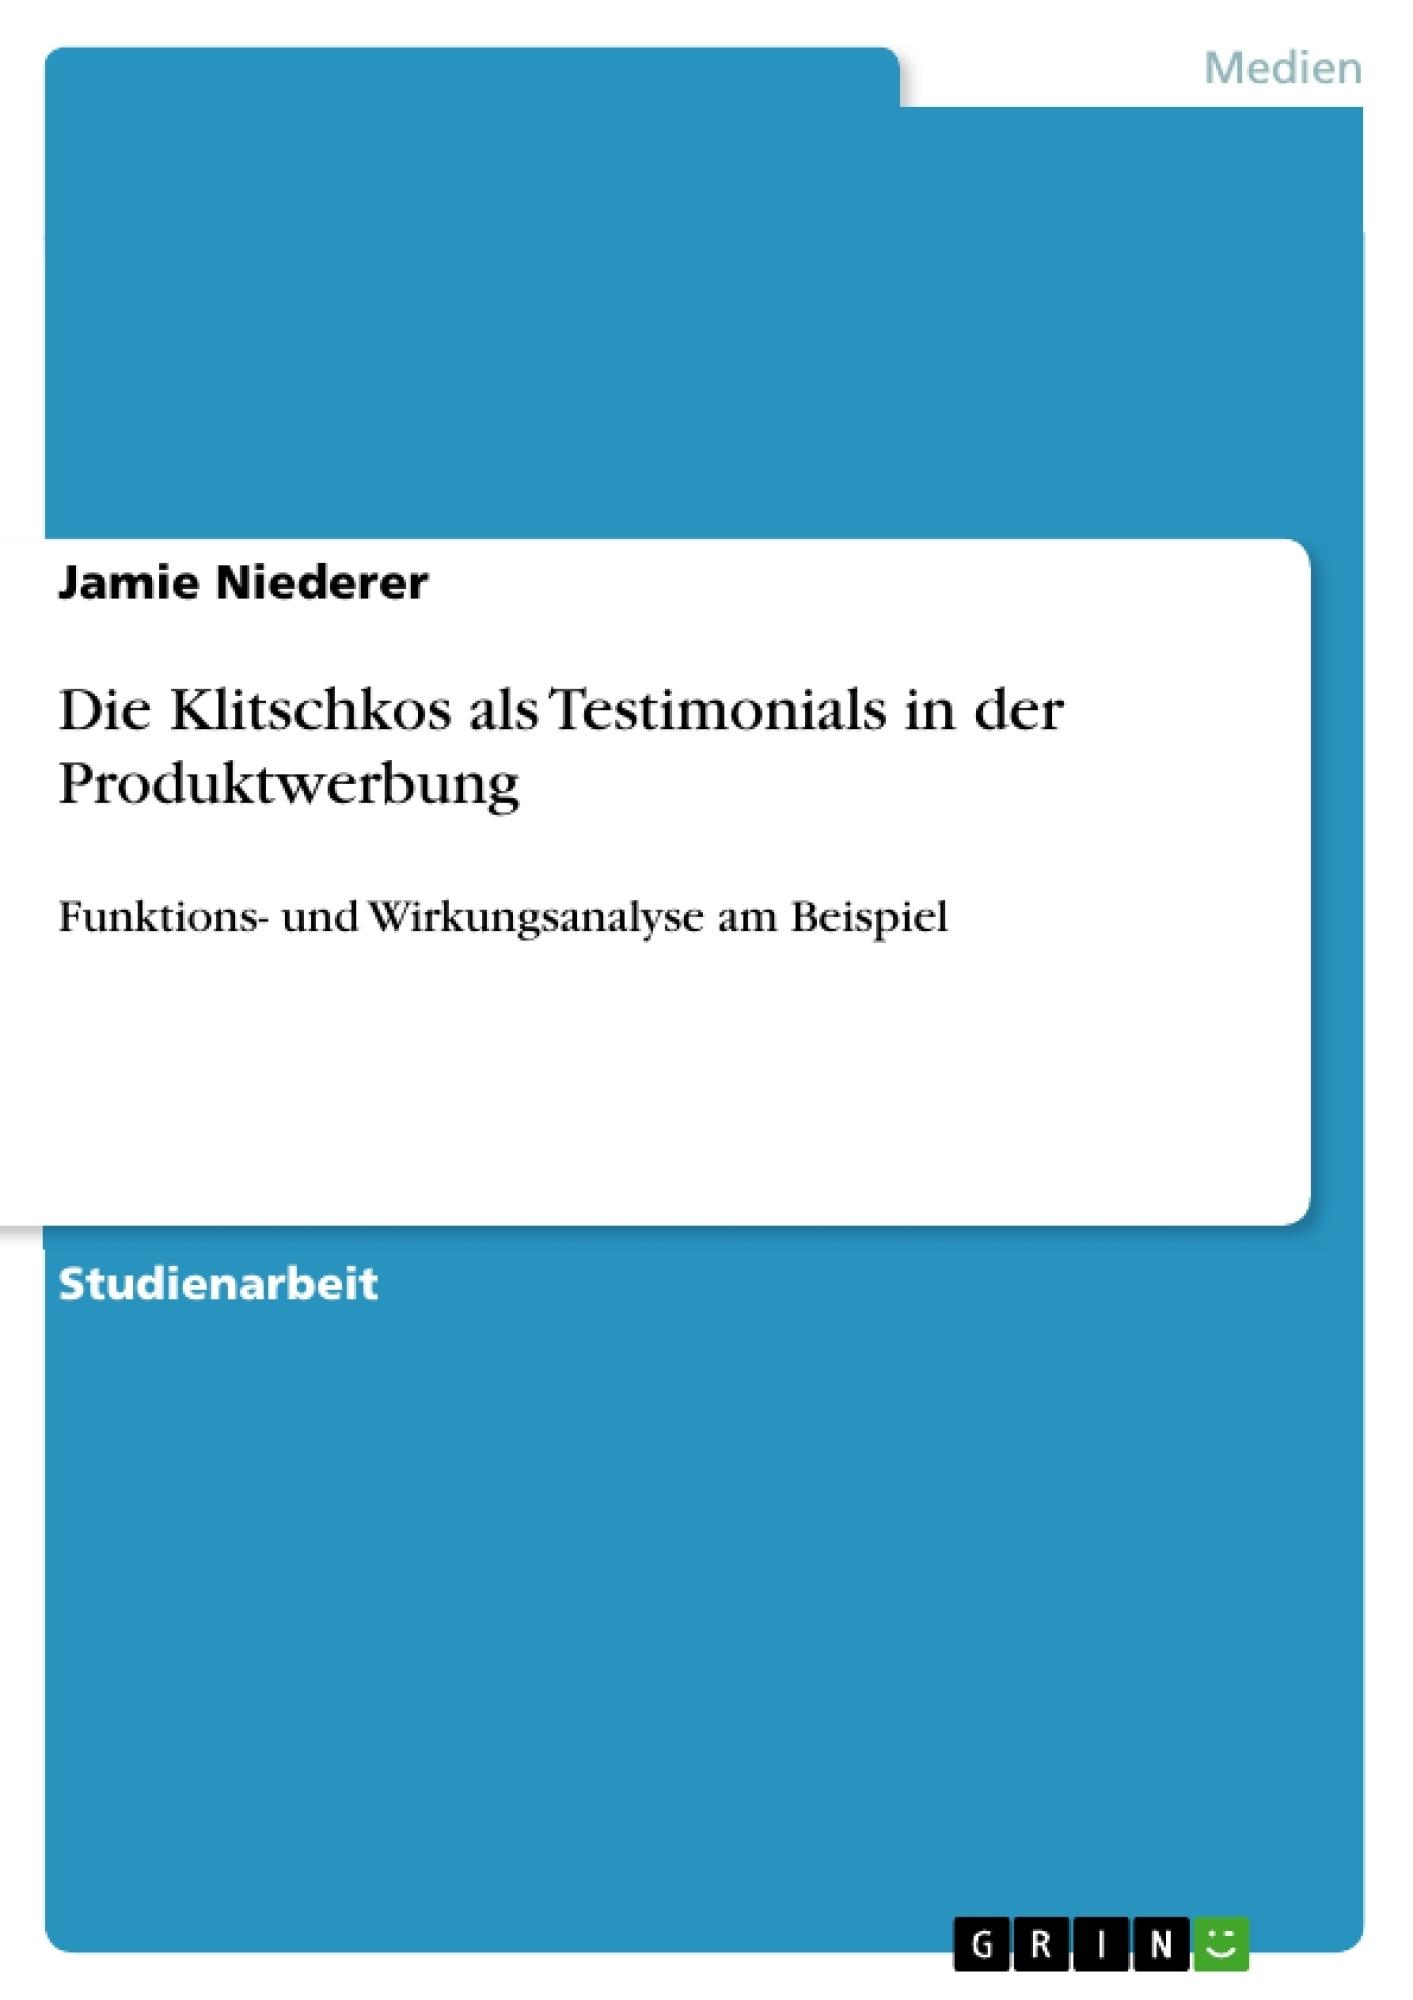 Titel: Die Klitschkos als Testimonials in der Produktwerbung